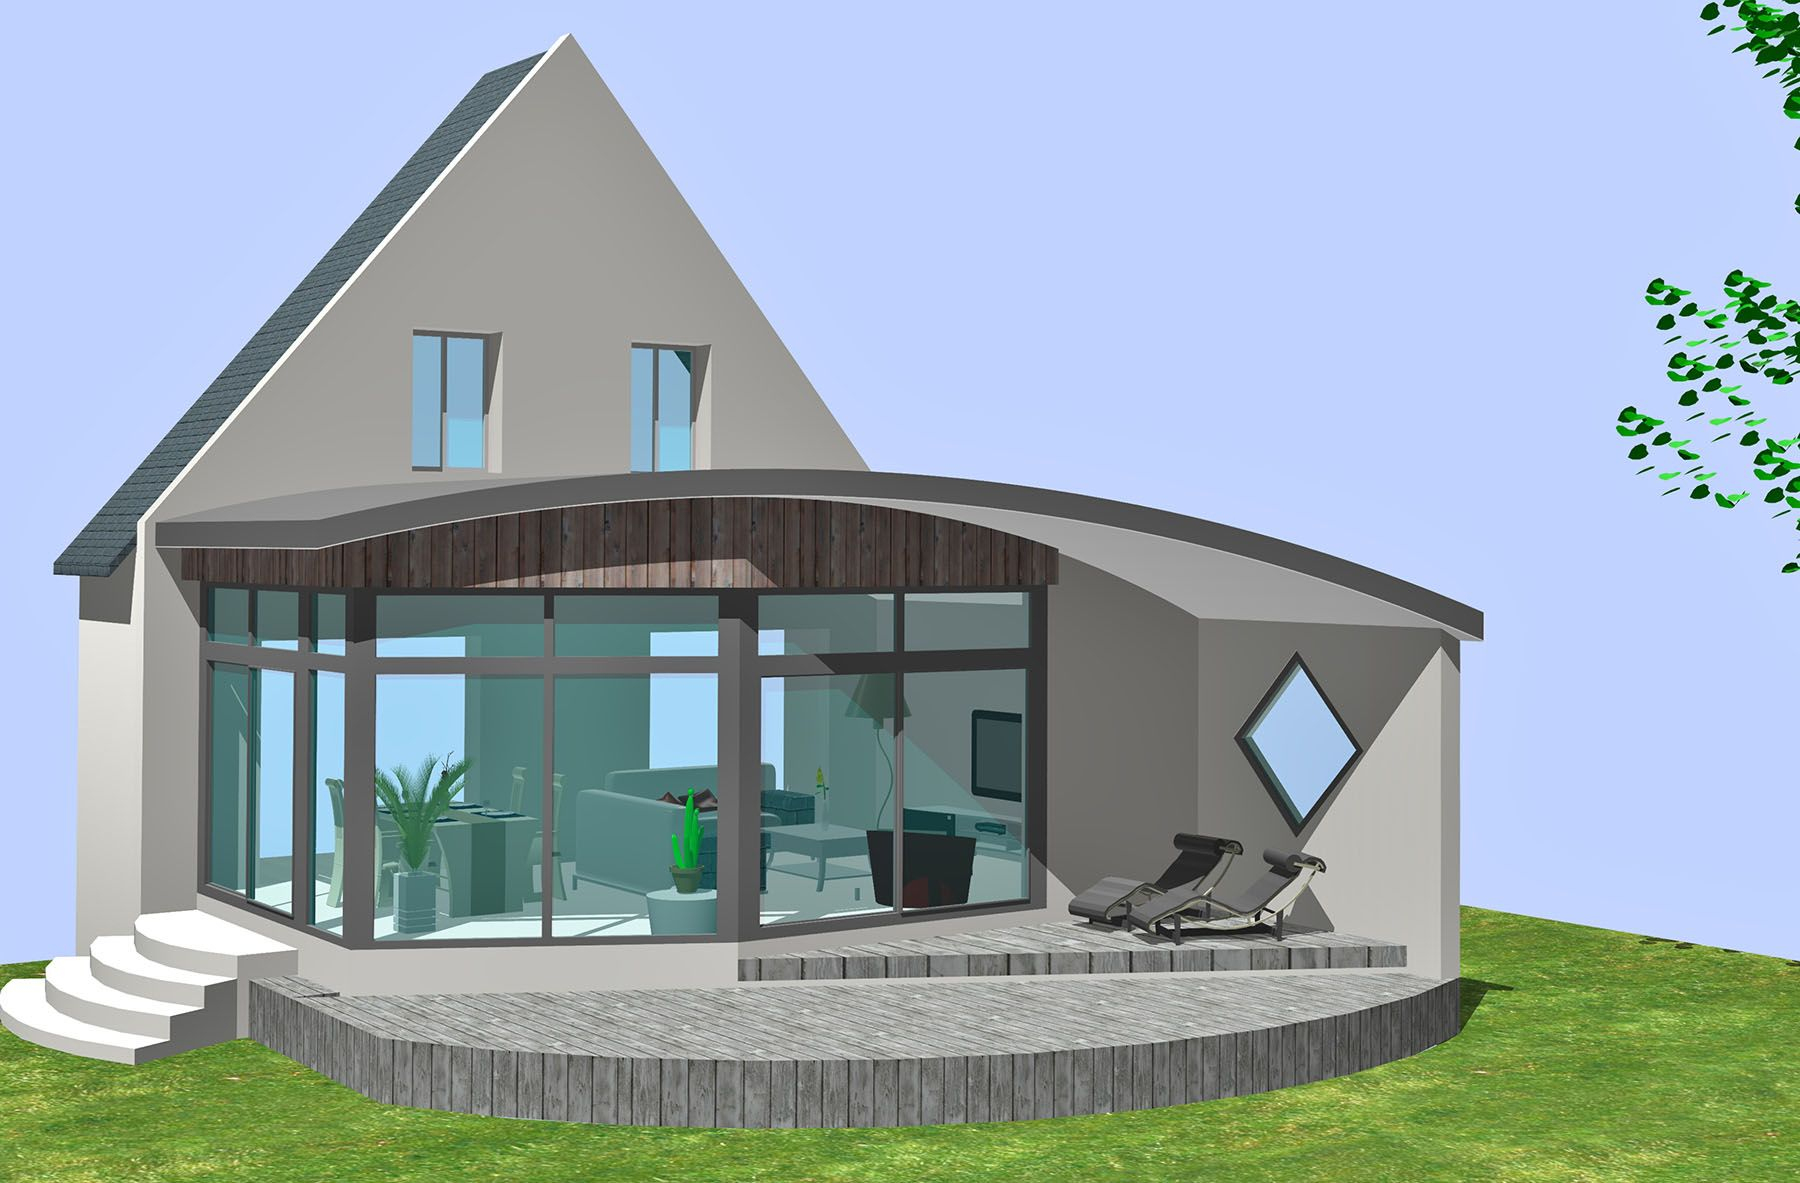 Extension Toit Arrondi En 3D | Extension Maison, Maison, Spa ... tout Abri De Jardin Toit Arrondi